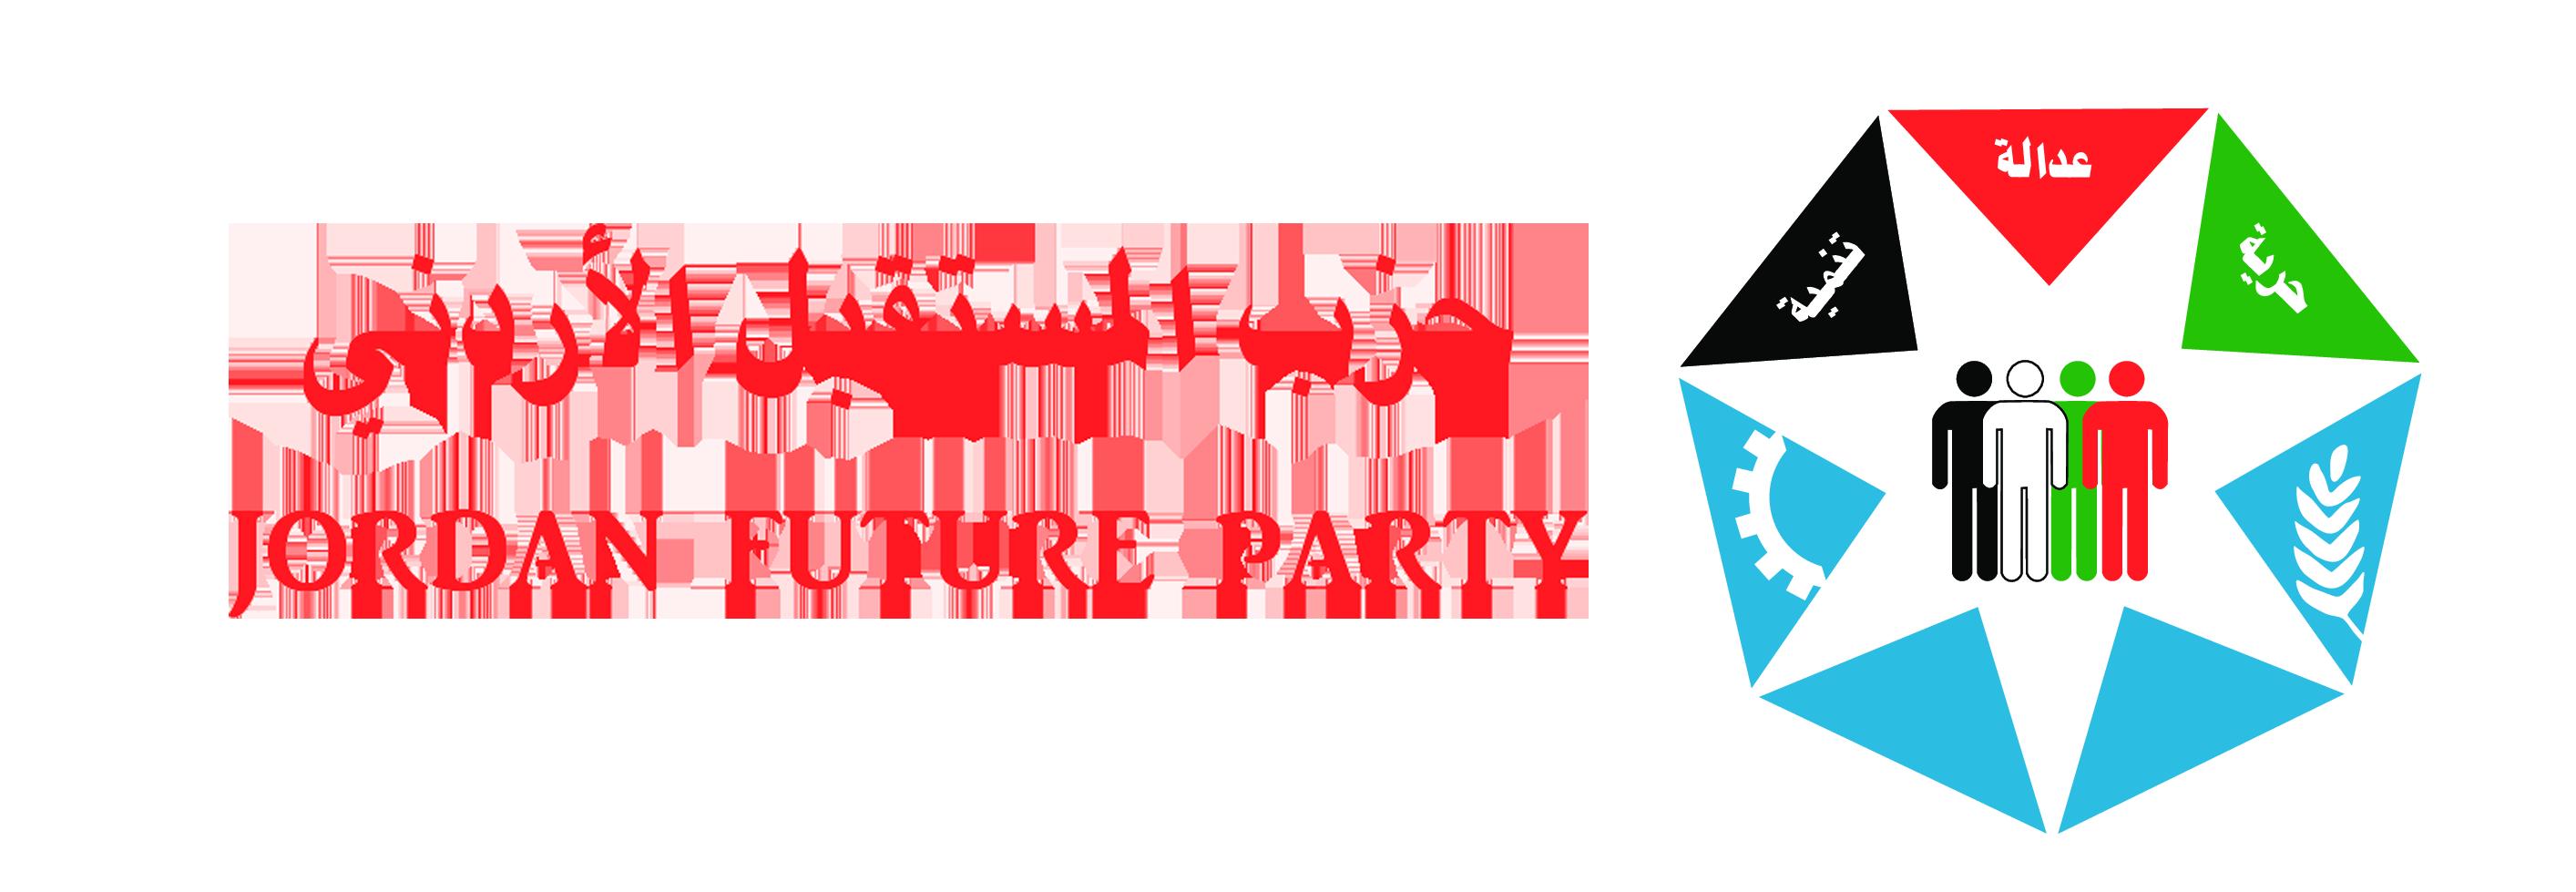 حزب المسقبل الأردني